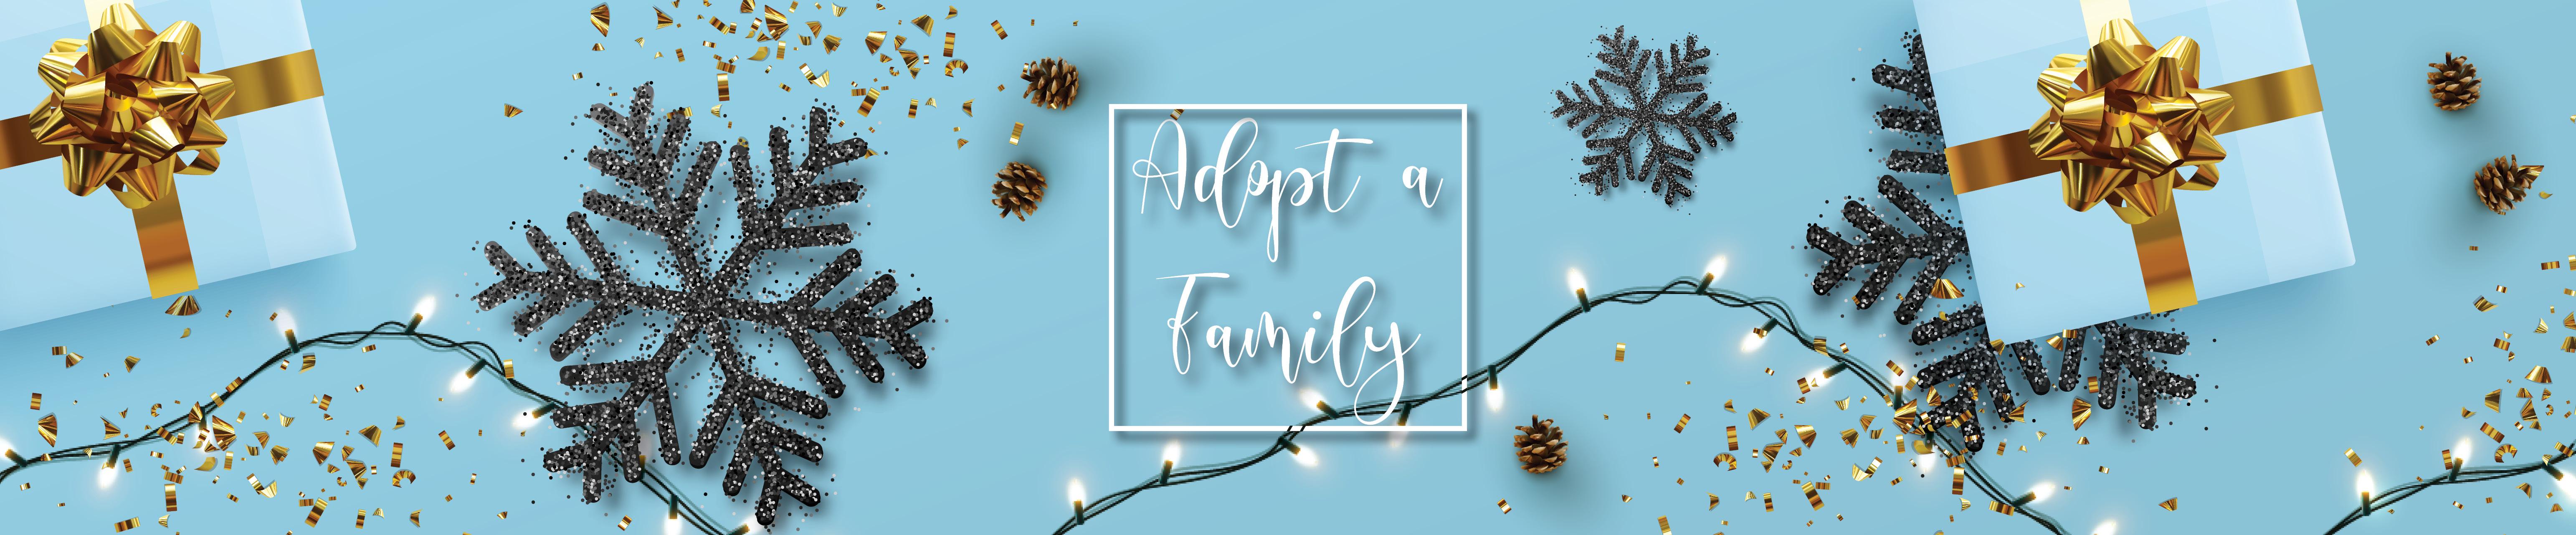 Adopt-a-family